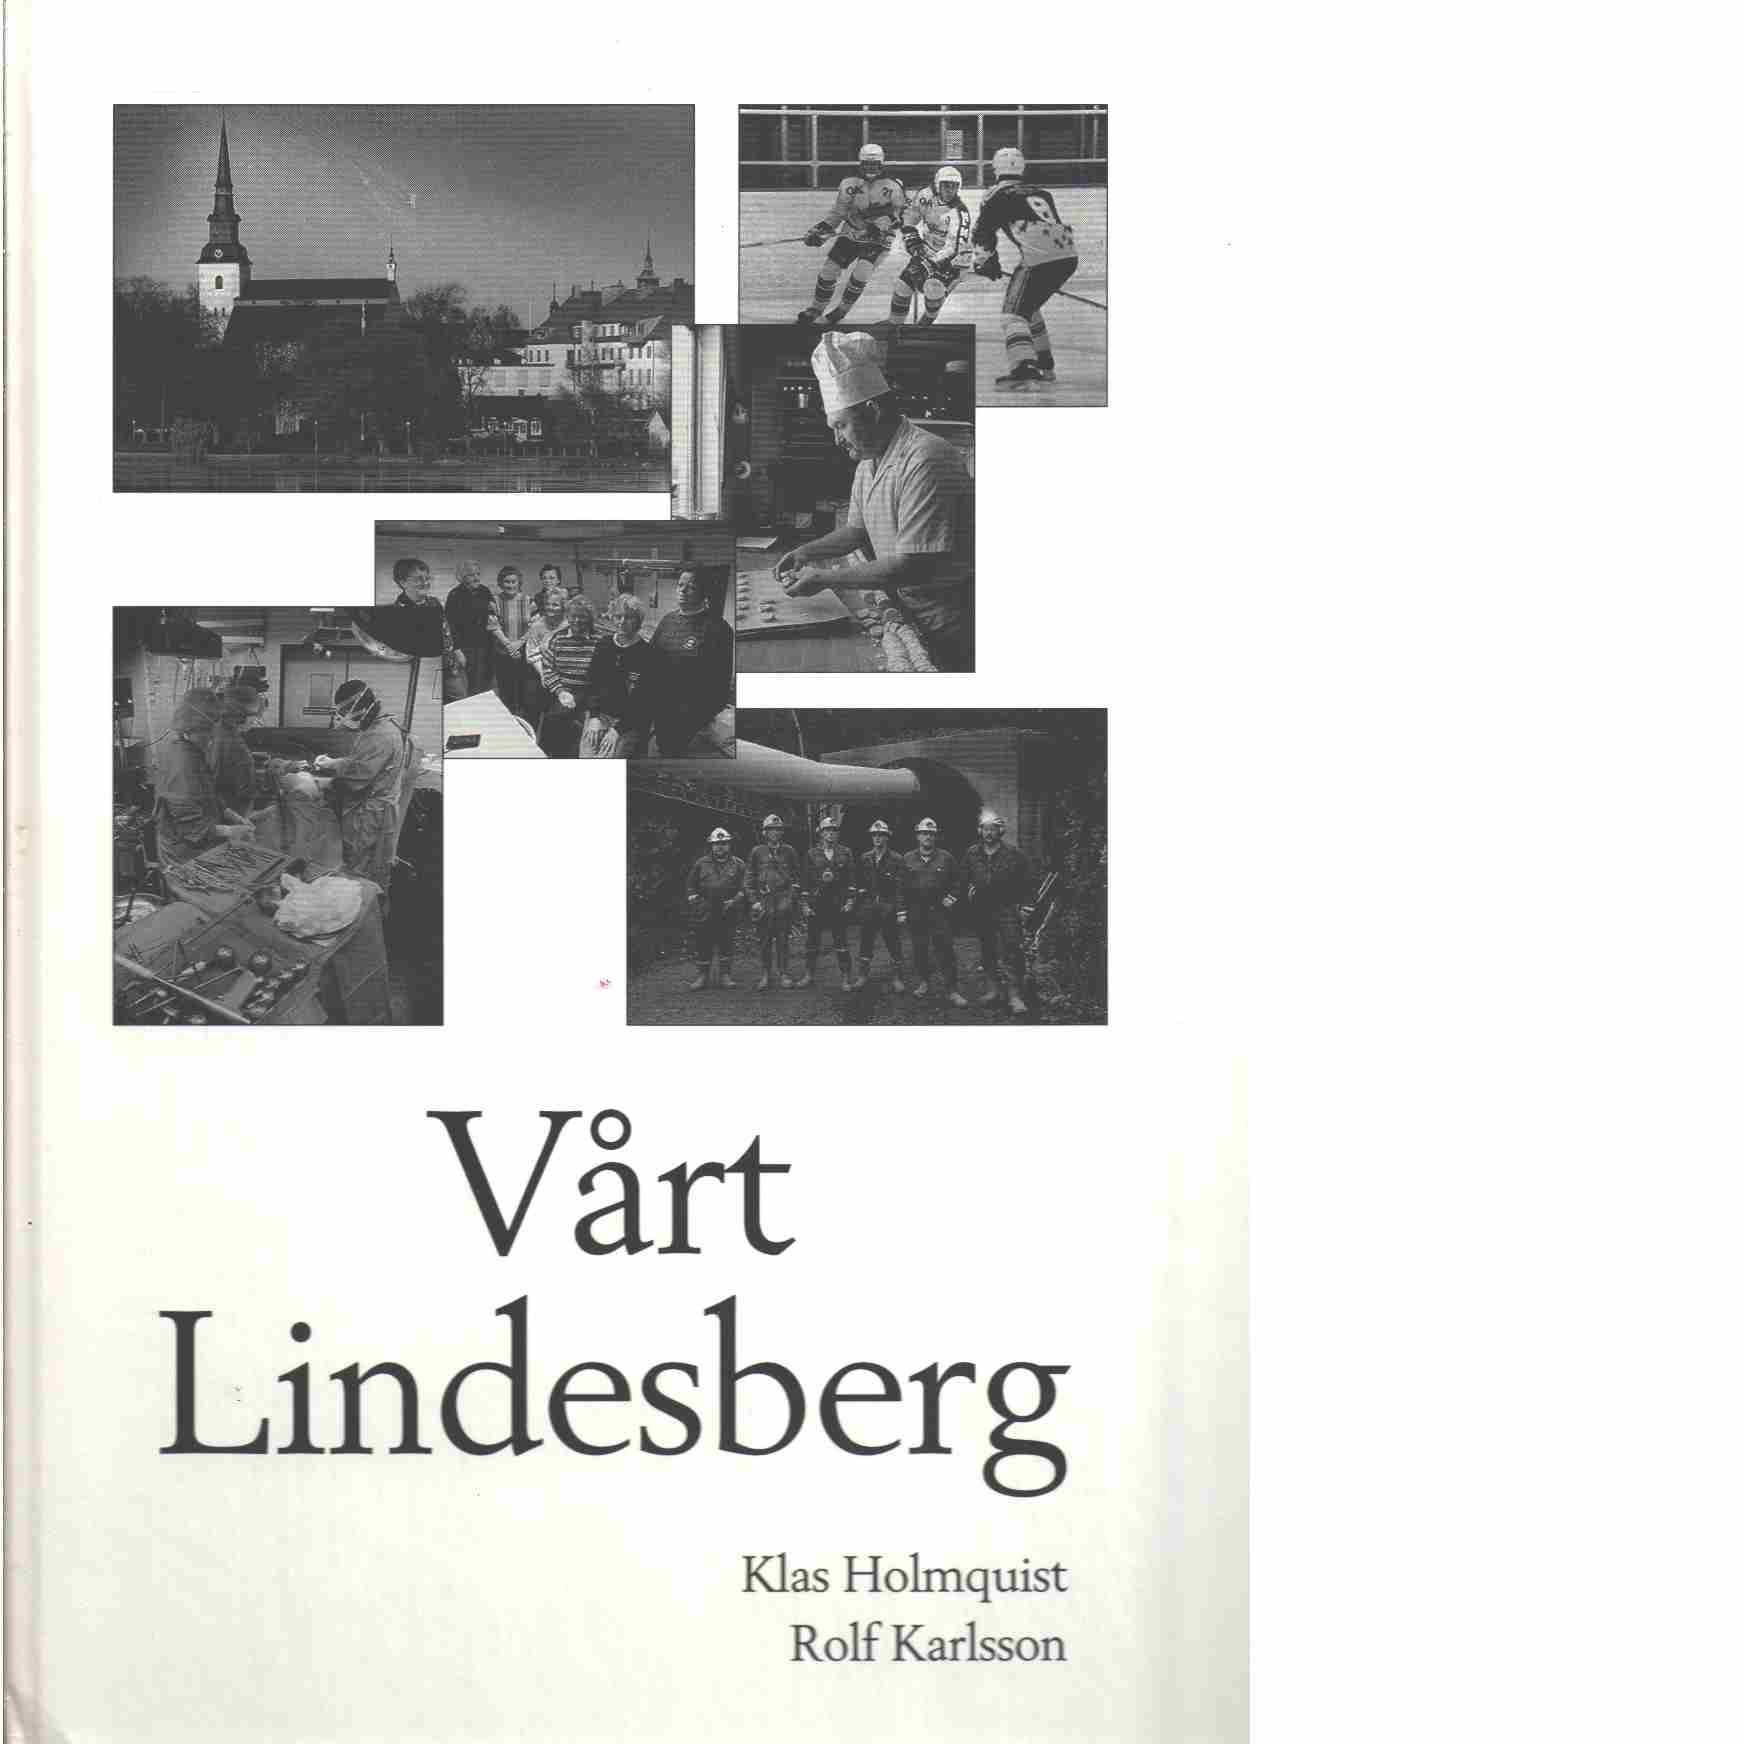 Vårt Lindesberg - Holmquist, Klas och Karlsson, Rolf